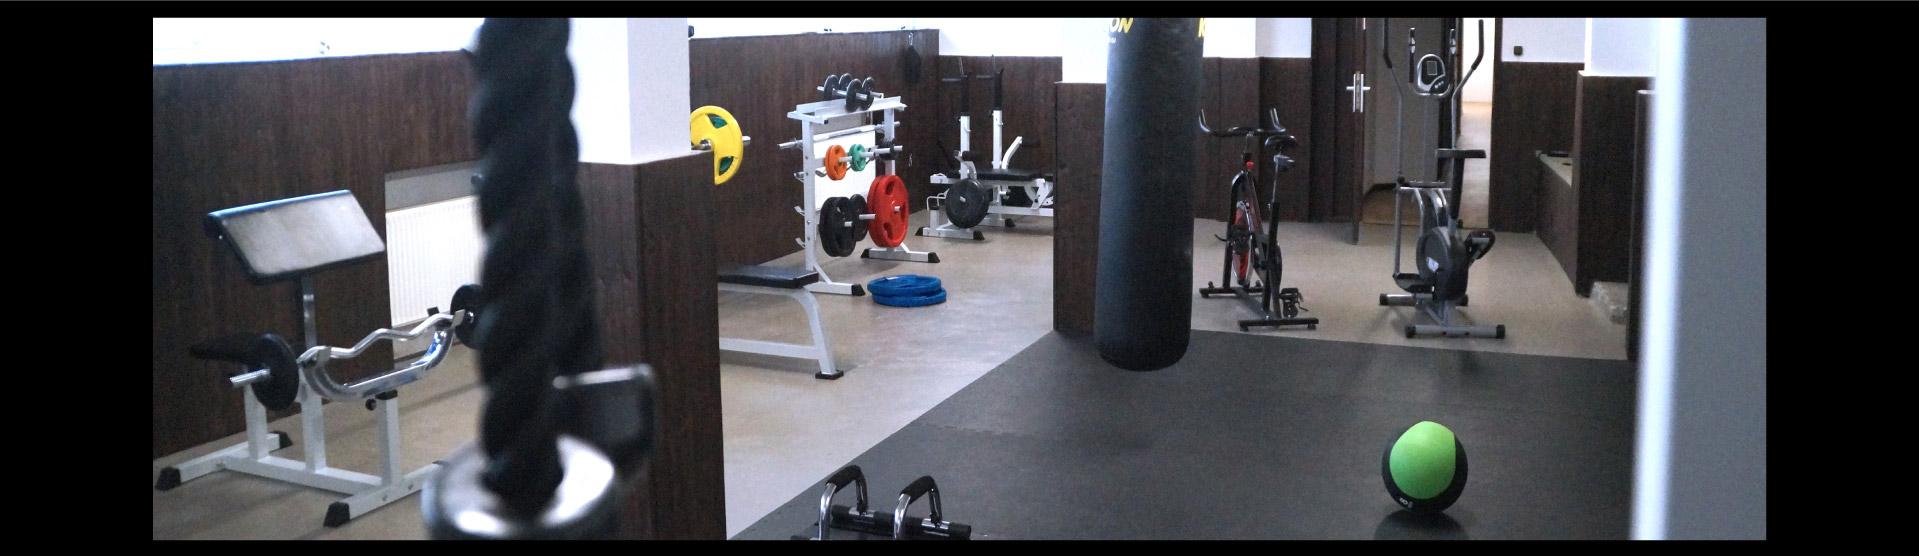 fitnessraum-2